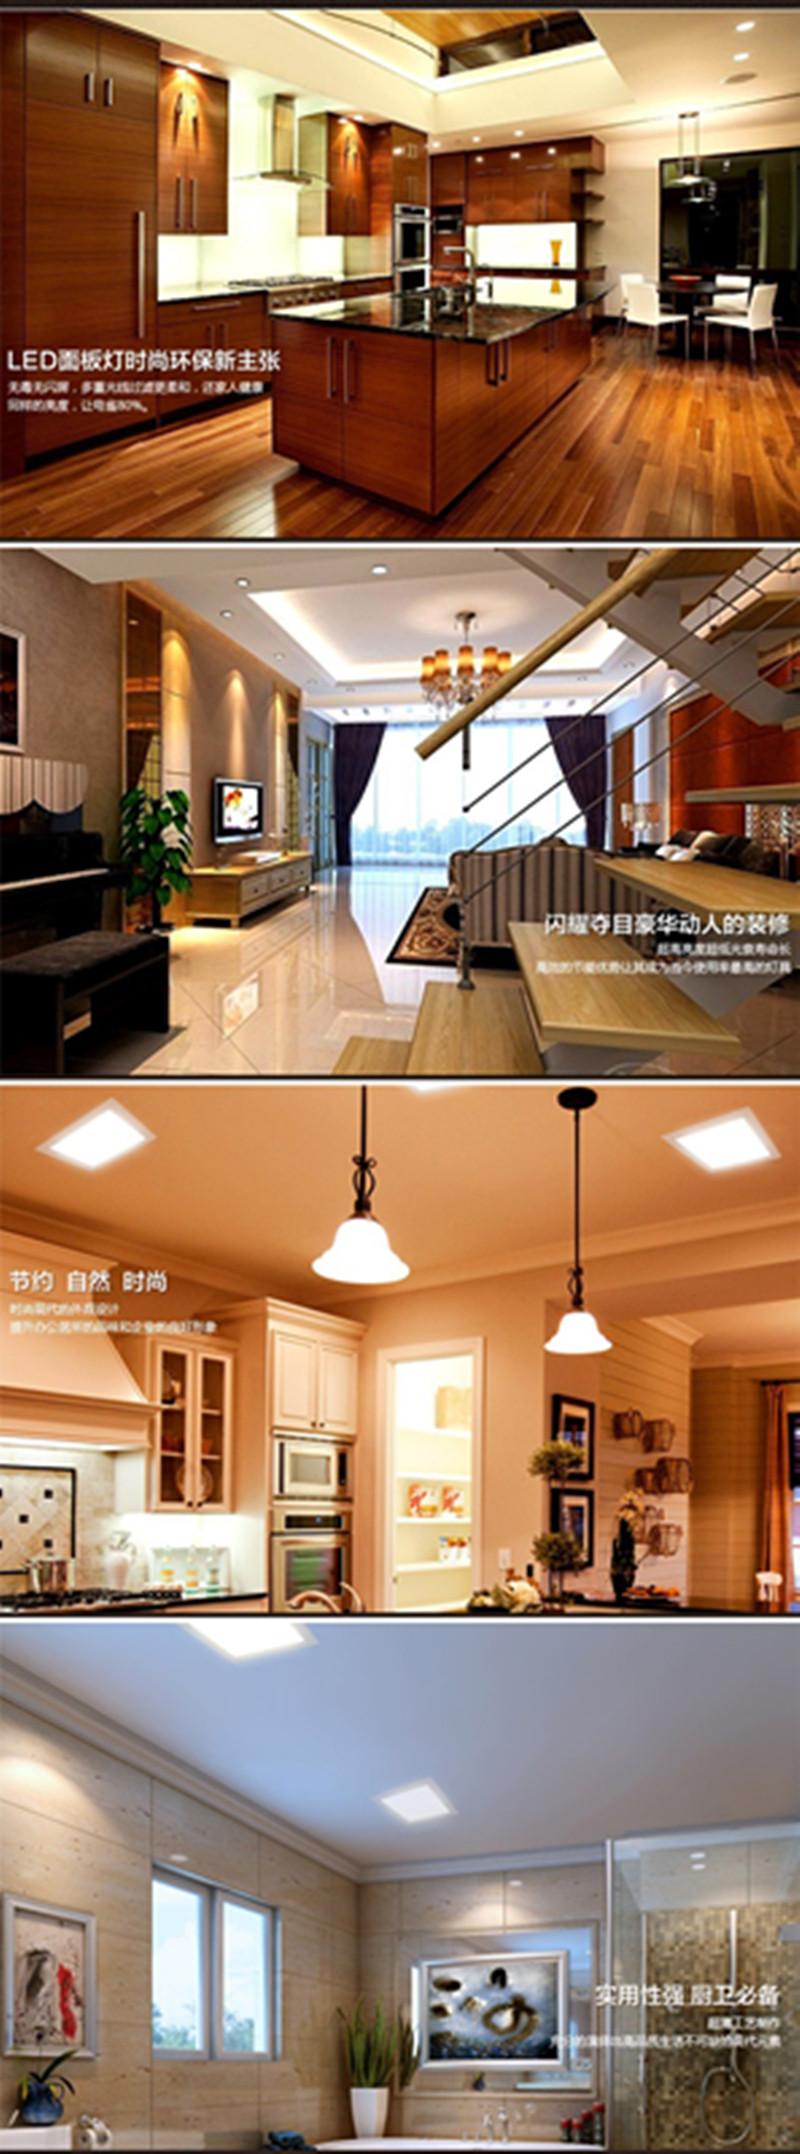 Compre 177 Watt Runde / Quadrat Führte Decke Downlight Einbau Küche Bad  Lampe 177 177 V Panel Led Licht Warm / Kühles Weiß Free Verschiffen A $17.177  Del